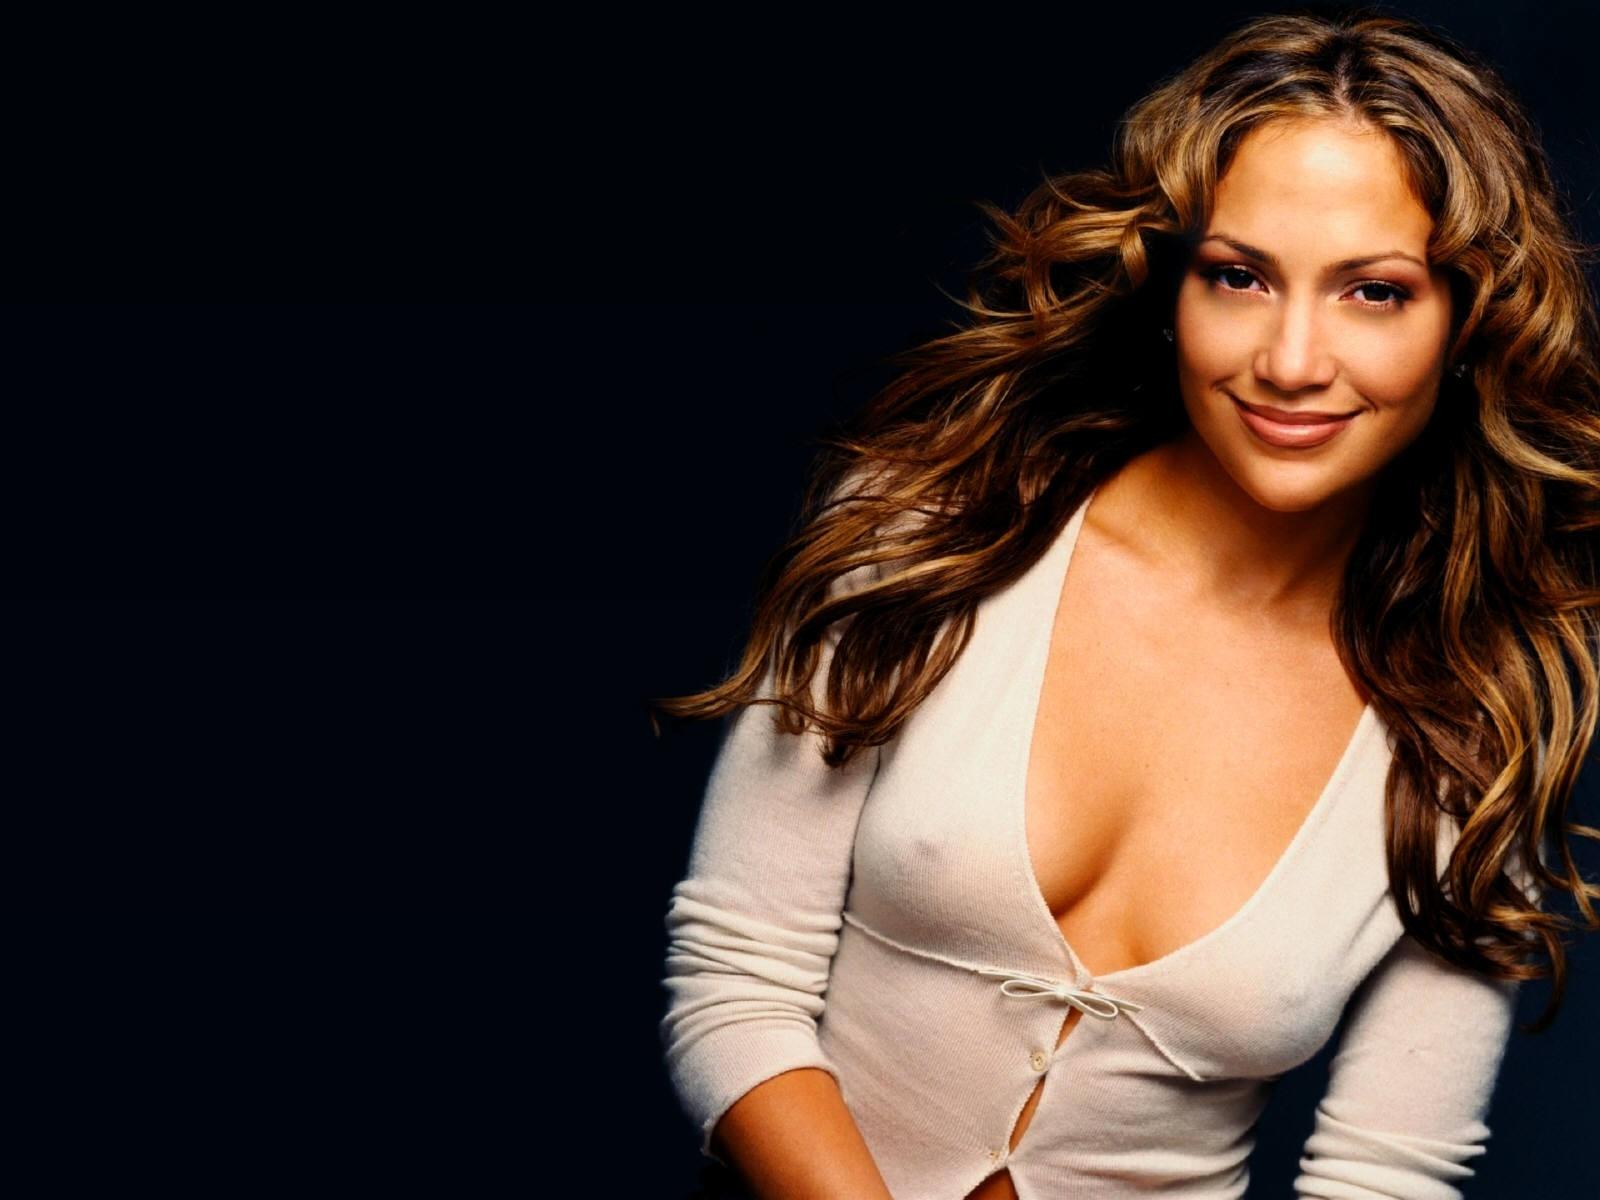 Wallpaper di Jennifer Lopez, diva del pop latino e attrice